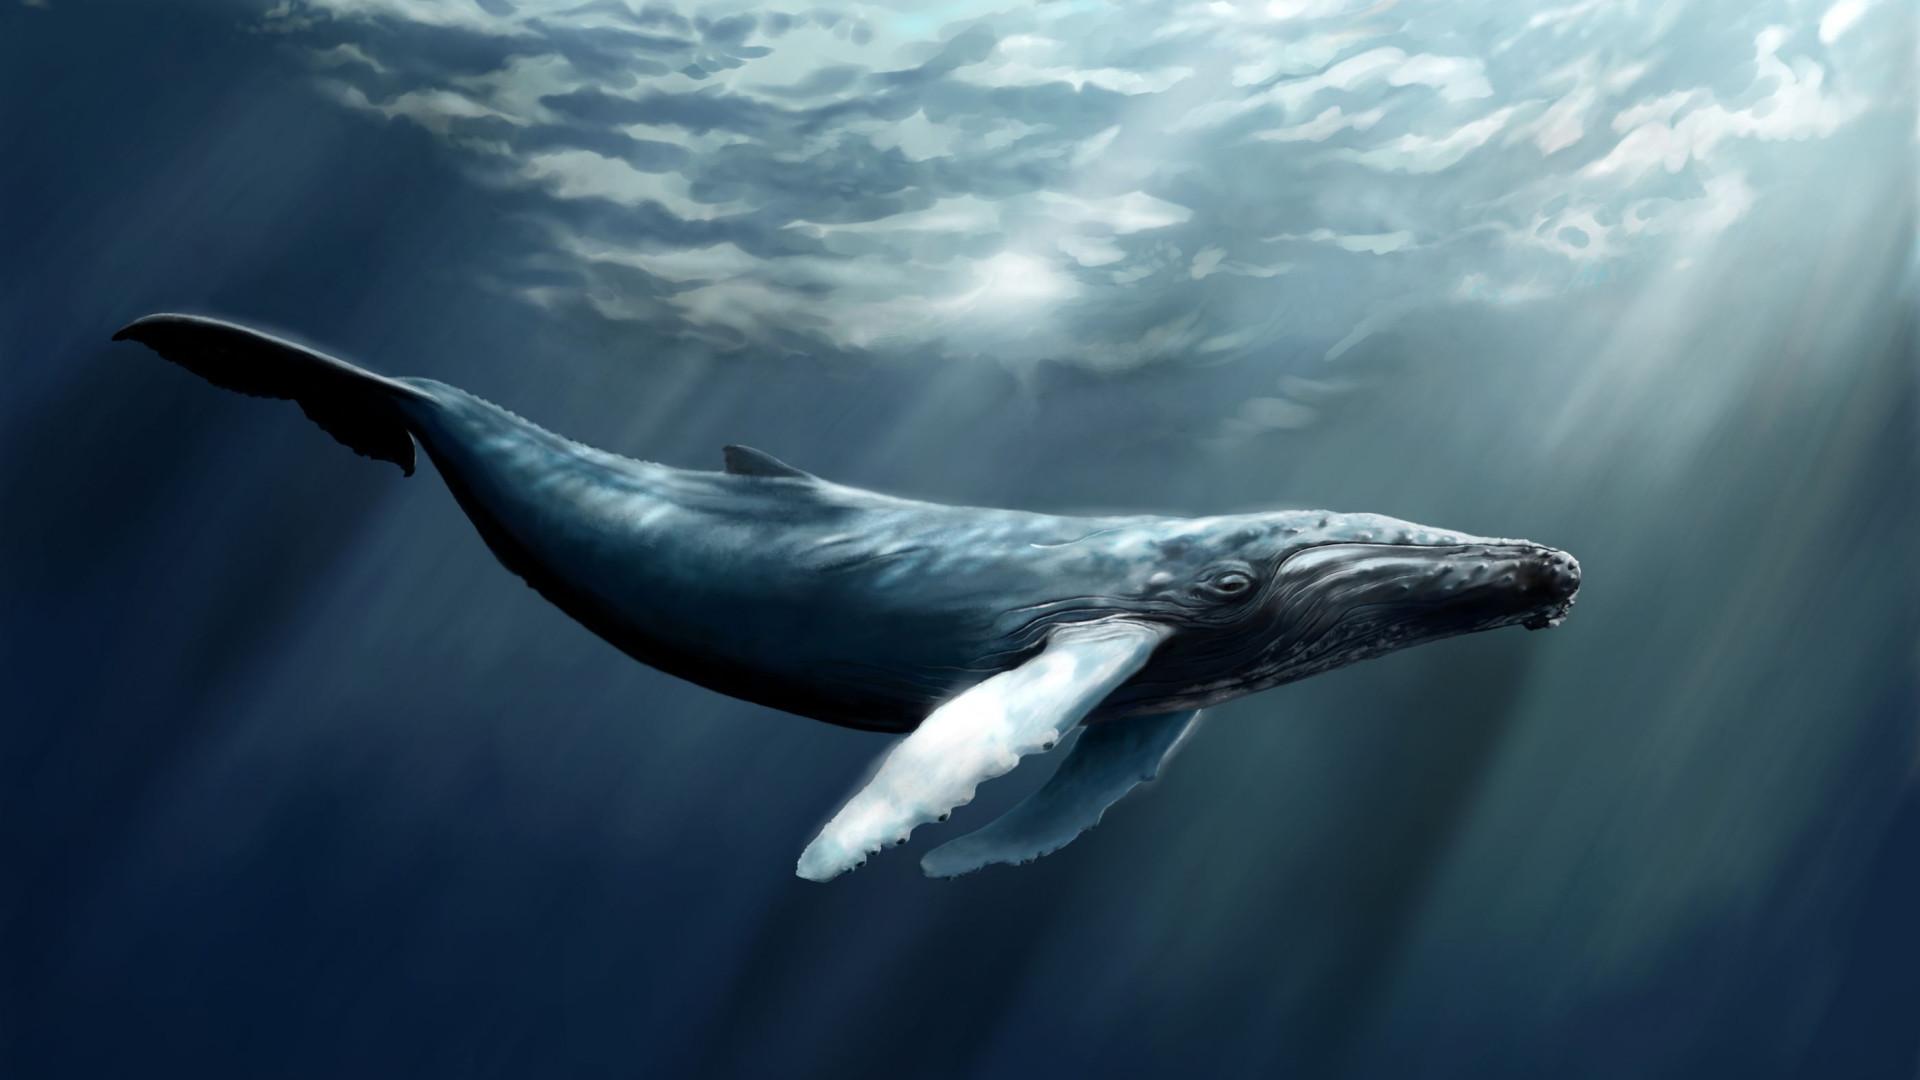 Fóssil de baleia de 4 patas com 42 milhões de anos é encontrado no Peru